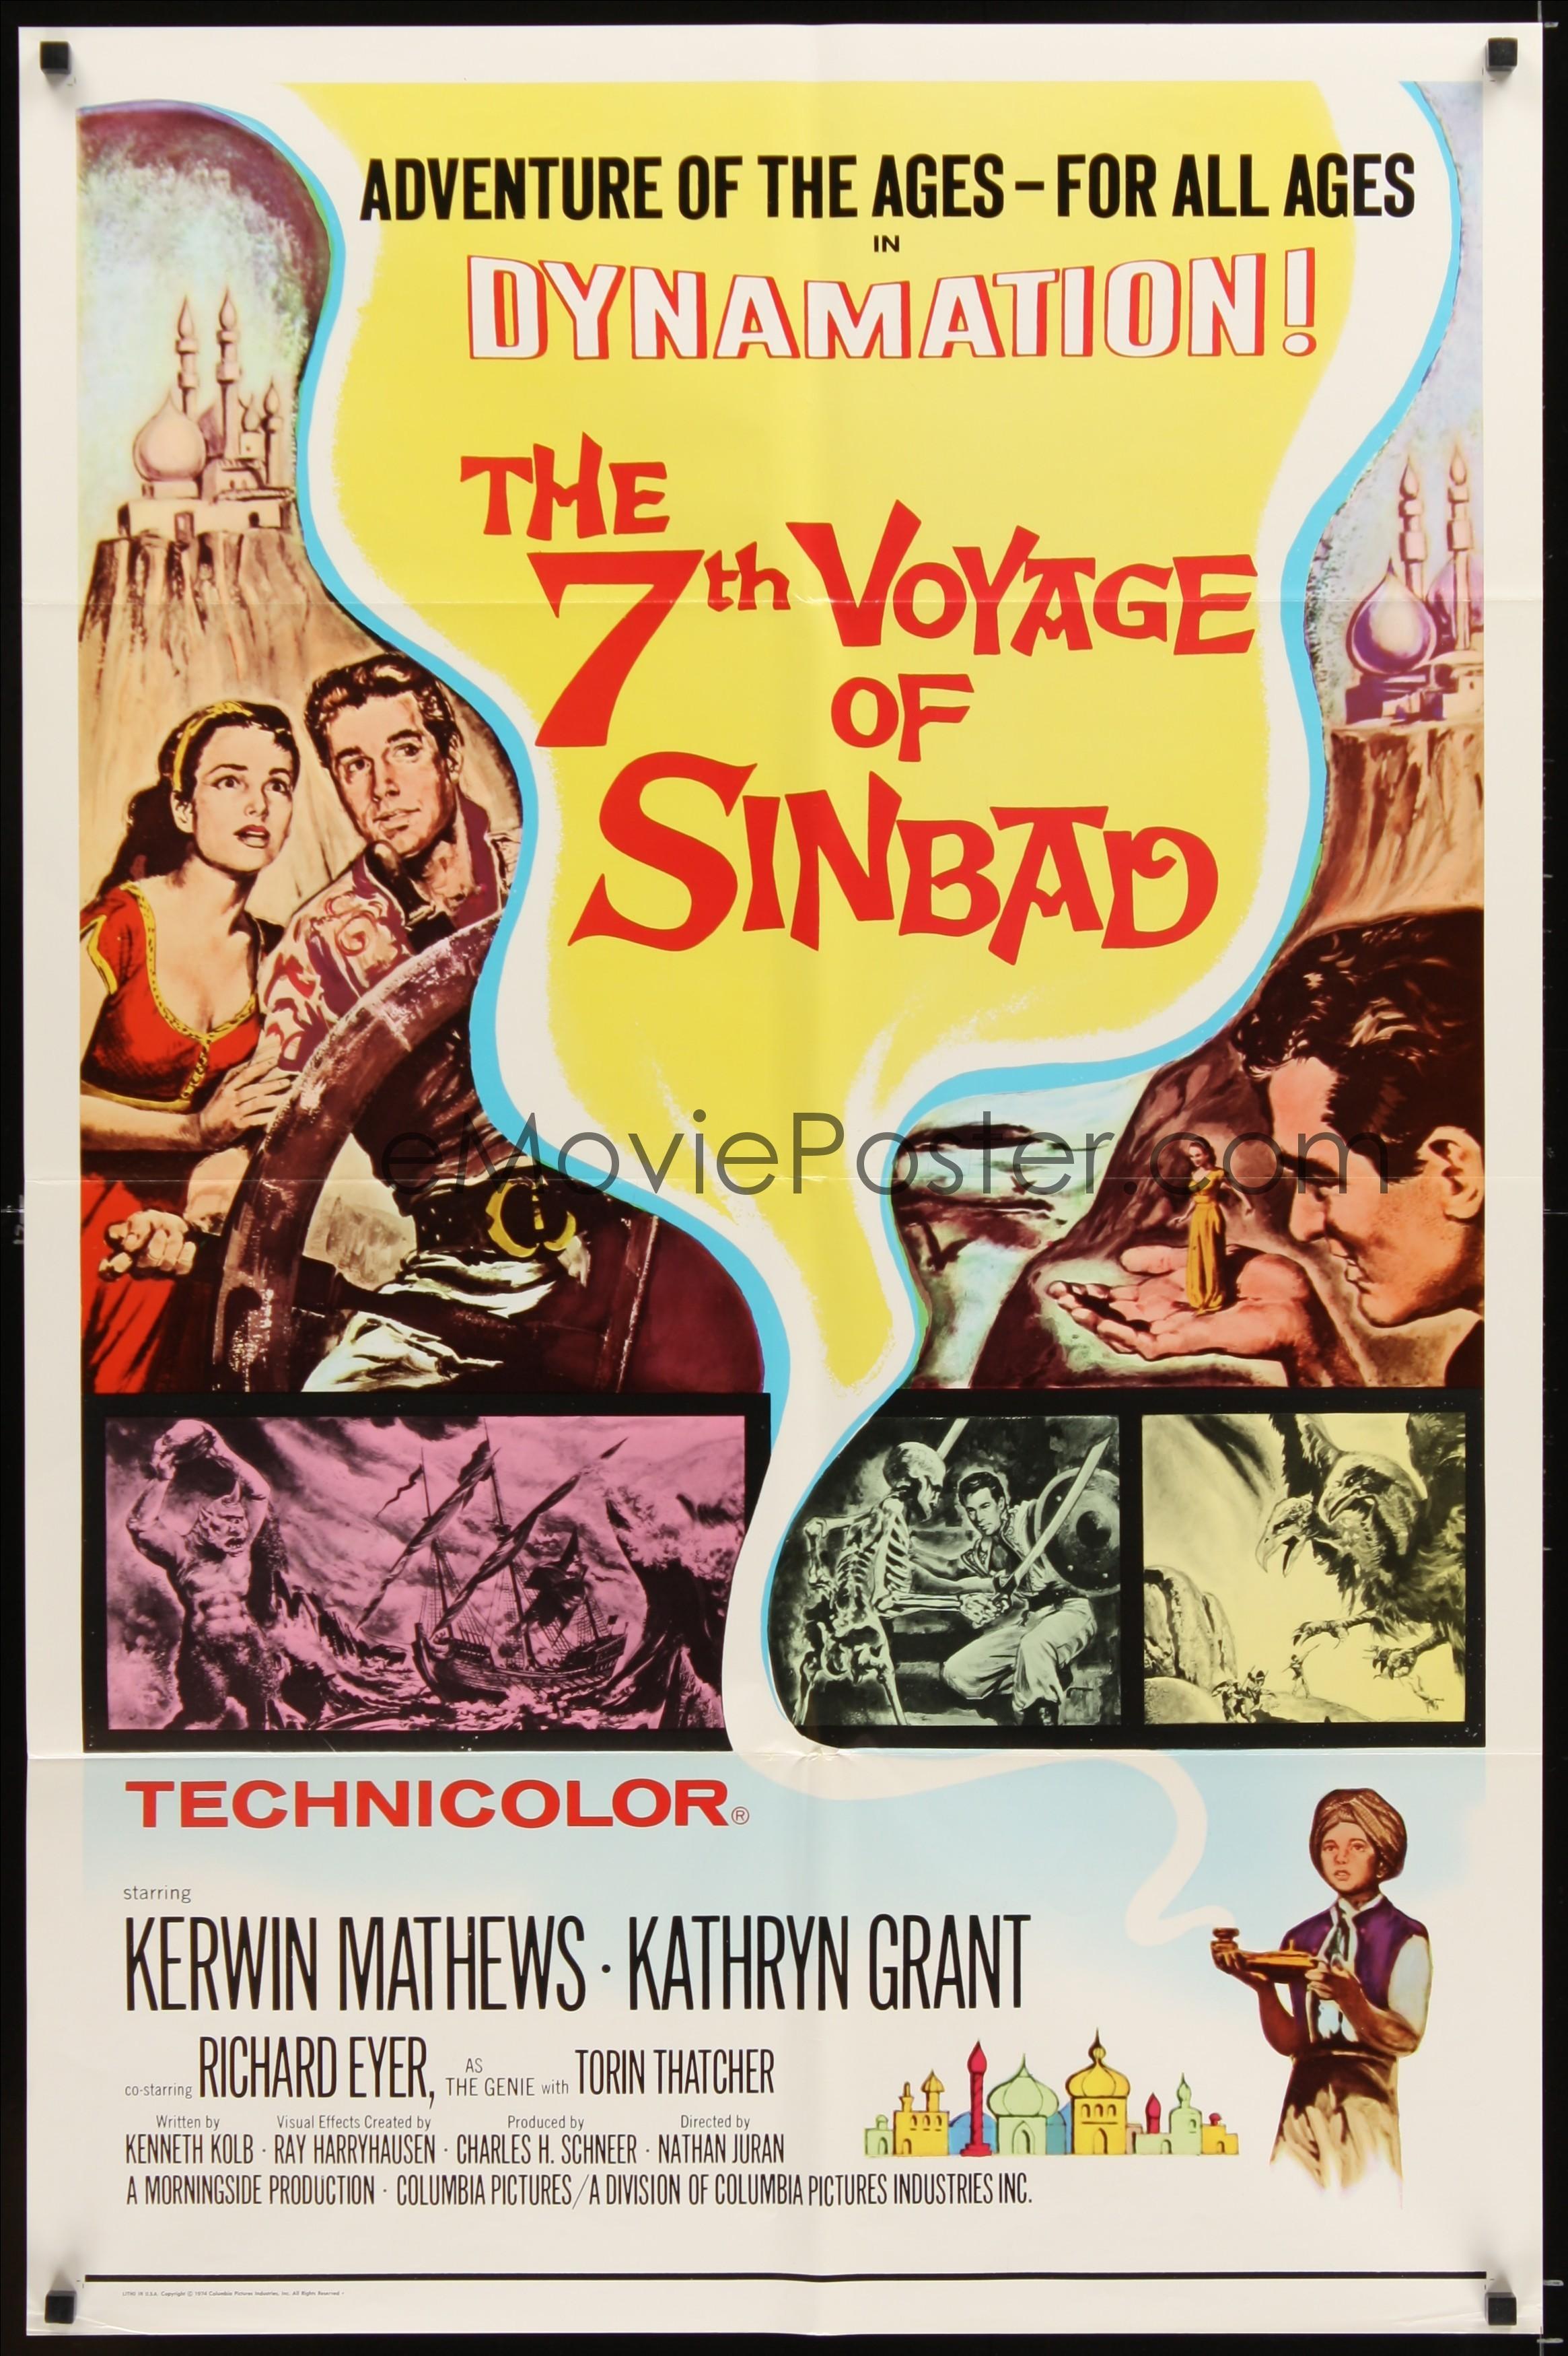 ネイザン・ジュラン監督のシンドバッド7回目の航海という映画